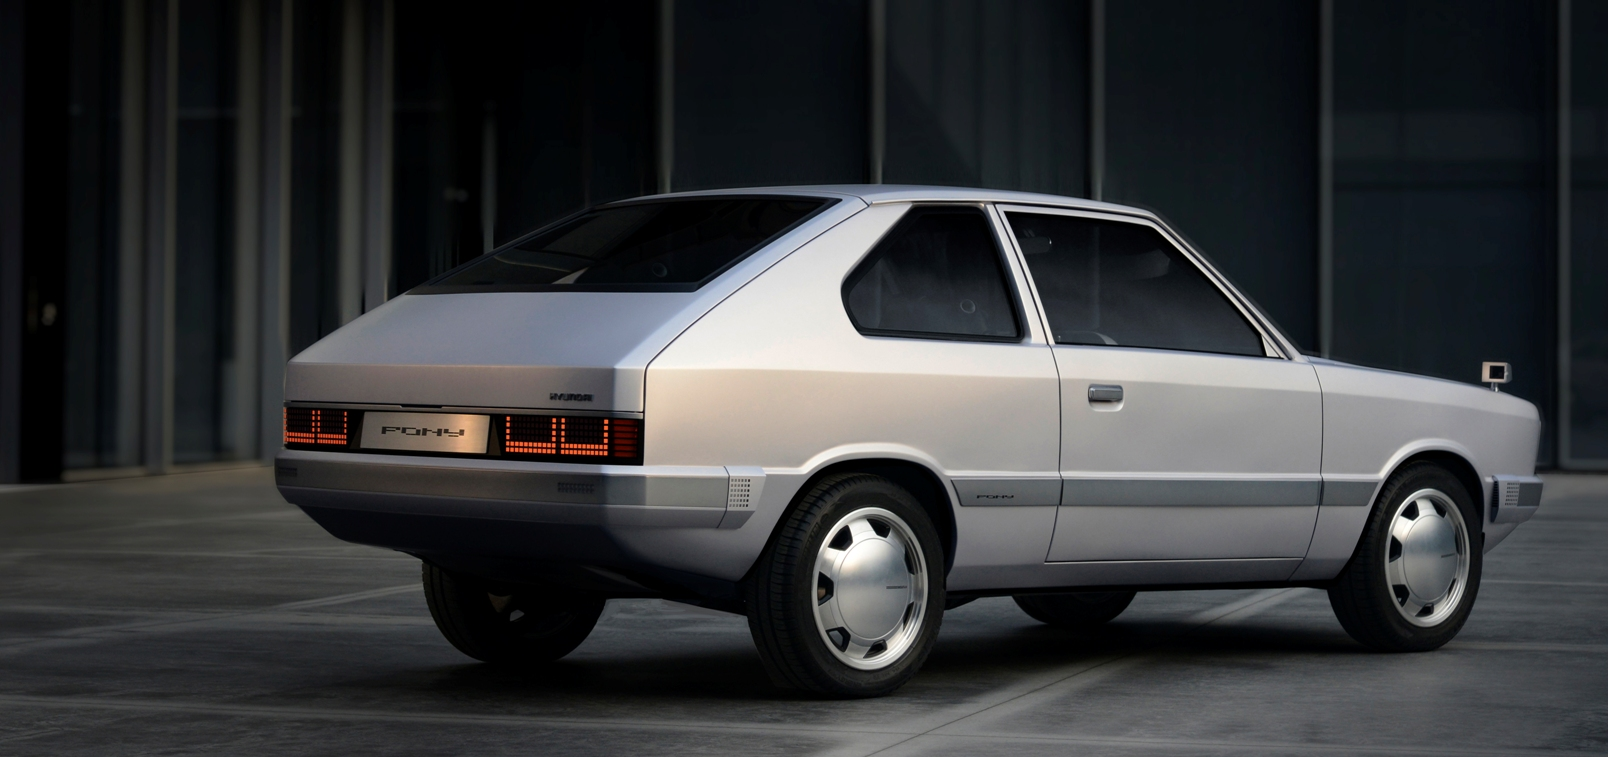 Hyundai Heritage Series Pony (14)